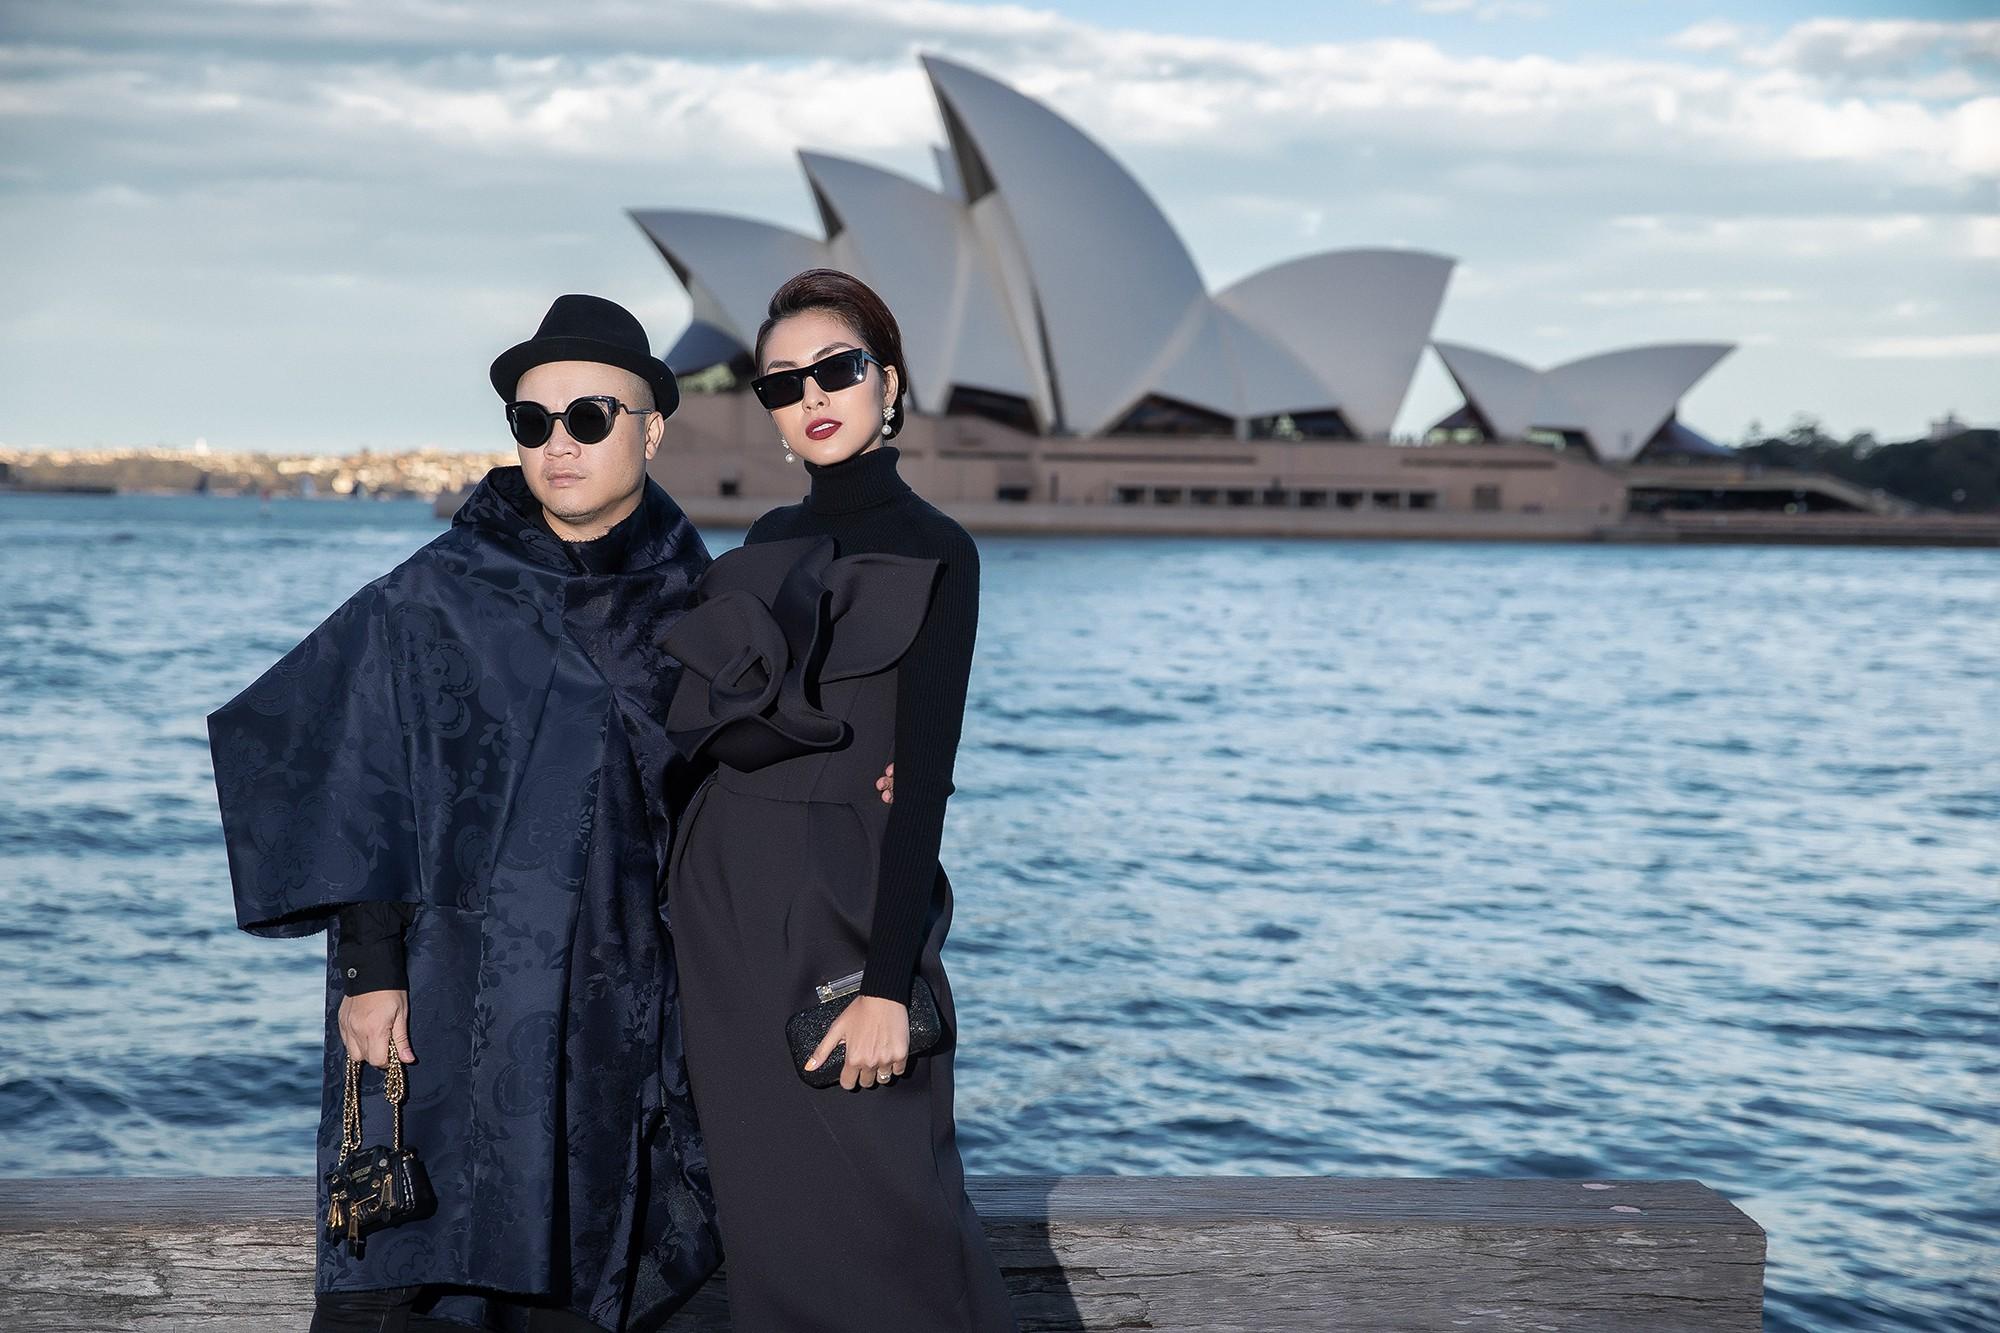 Show mới nhất của Đỗ Mạnh Cường tại Úc: Hà Tăng kín như bưng vẫn đẹp ngút trời, Mỹ Linh và Tiểu Vy trông đều khác lạ - Ảnh 3.